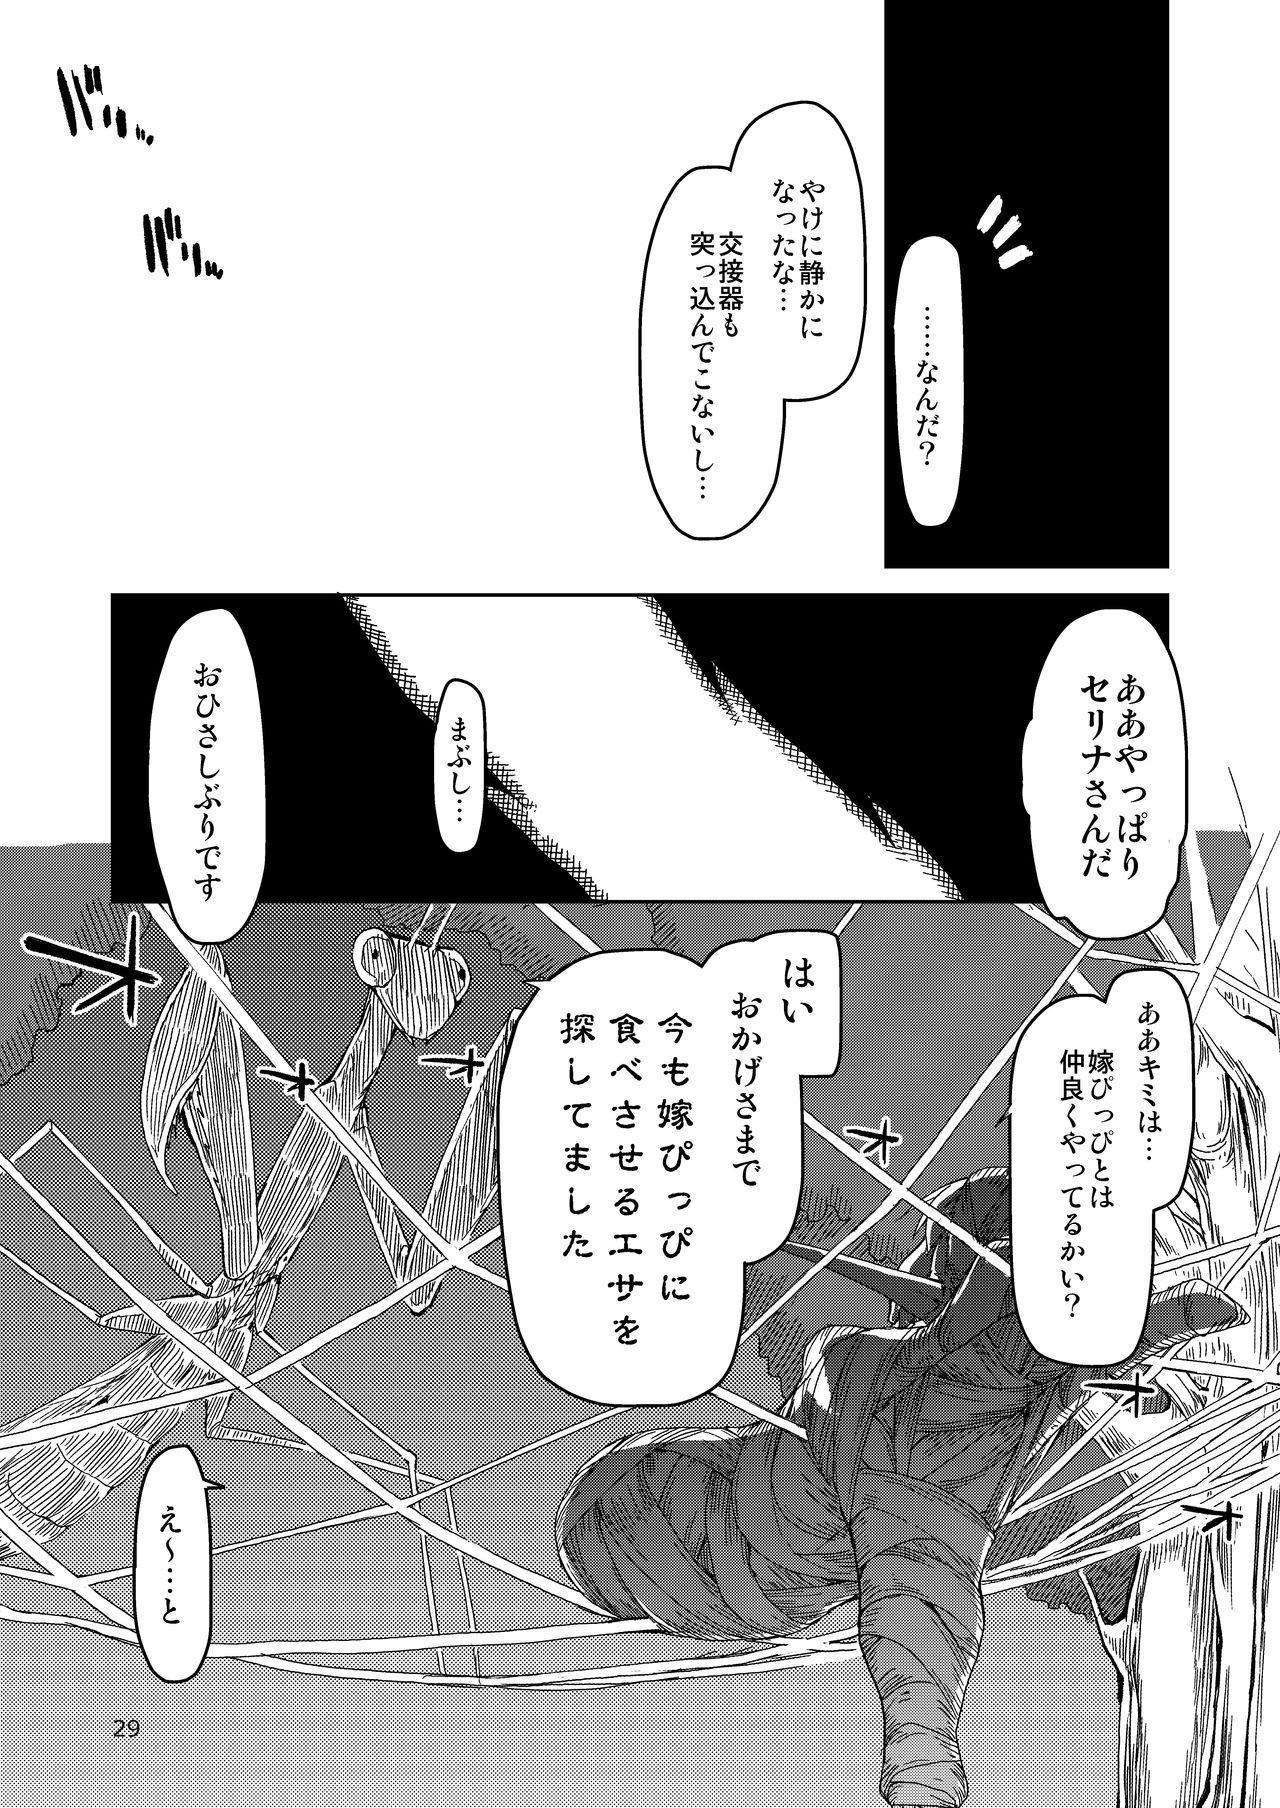 Dosukebe Elf no Ishukan Nikki Matome 2 29